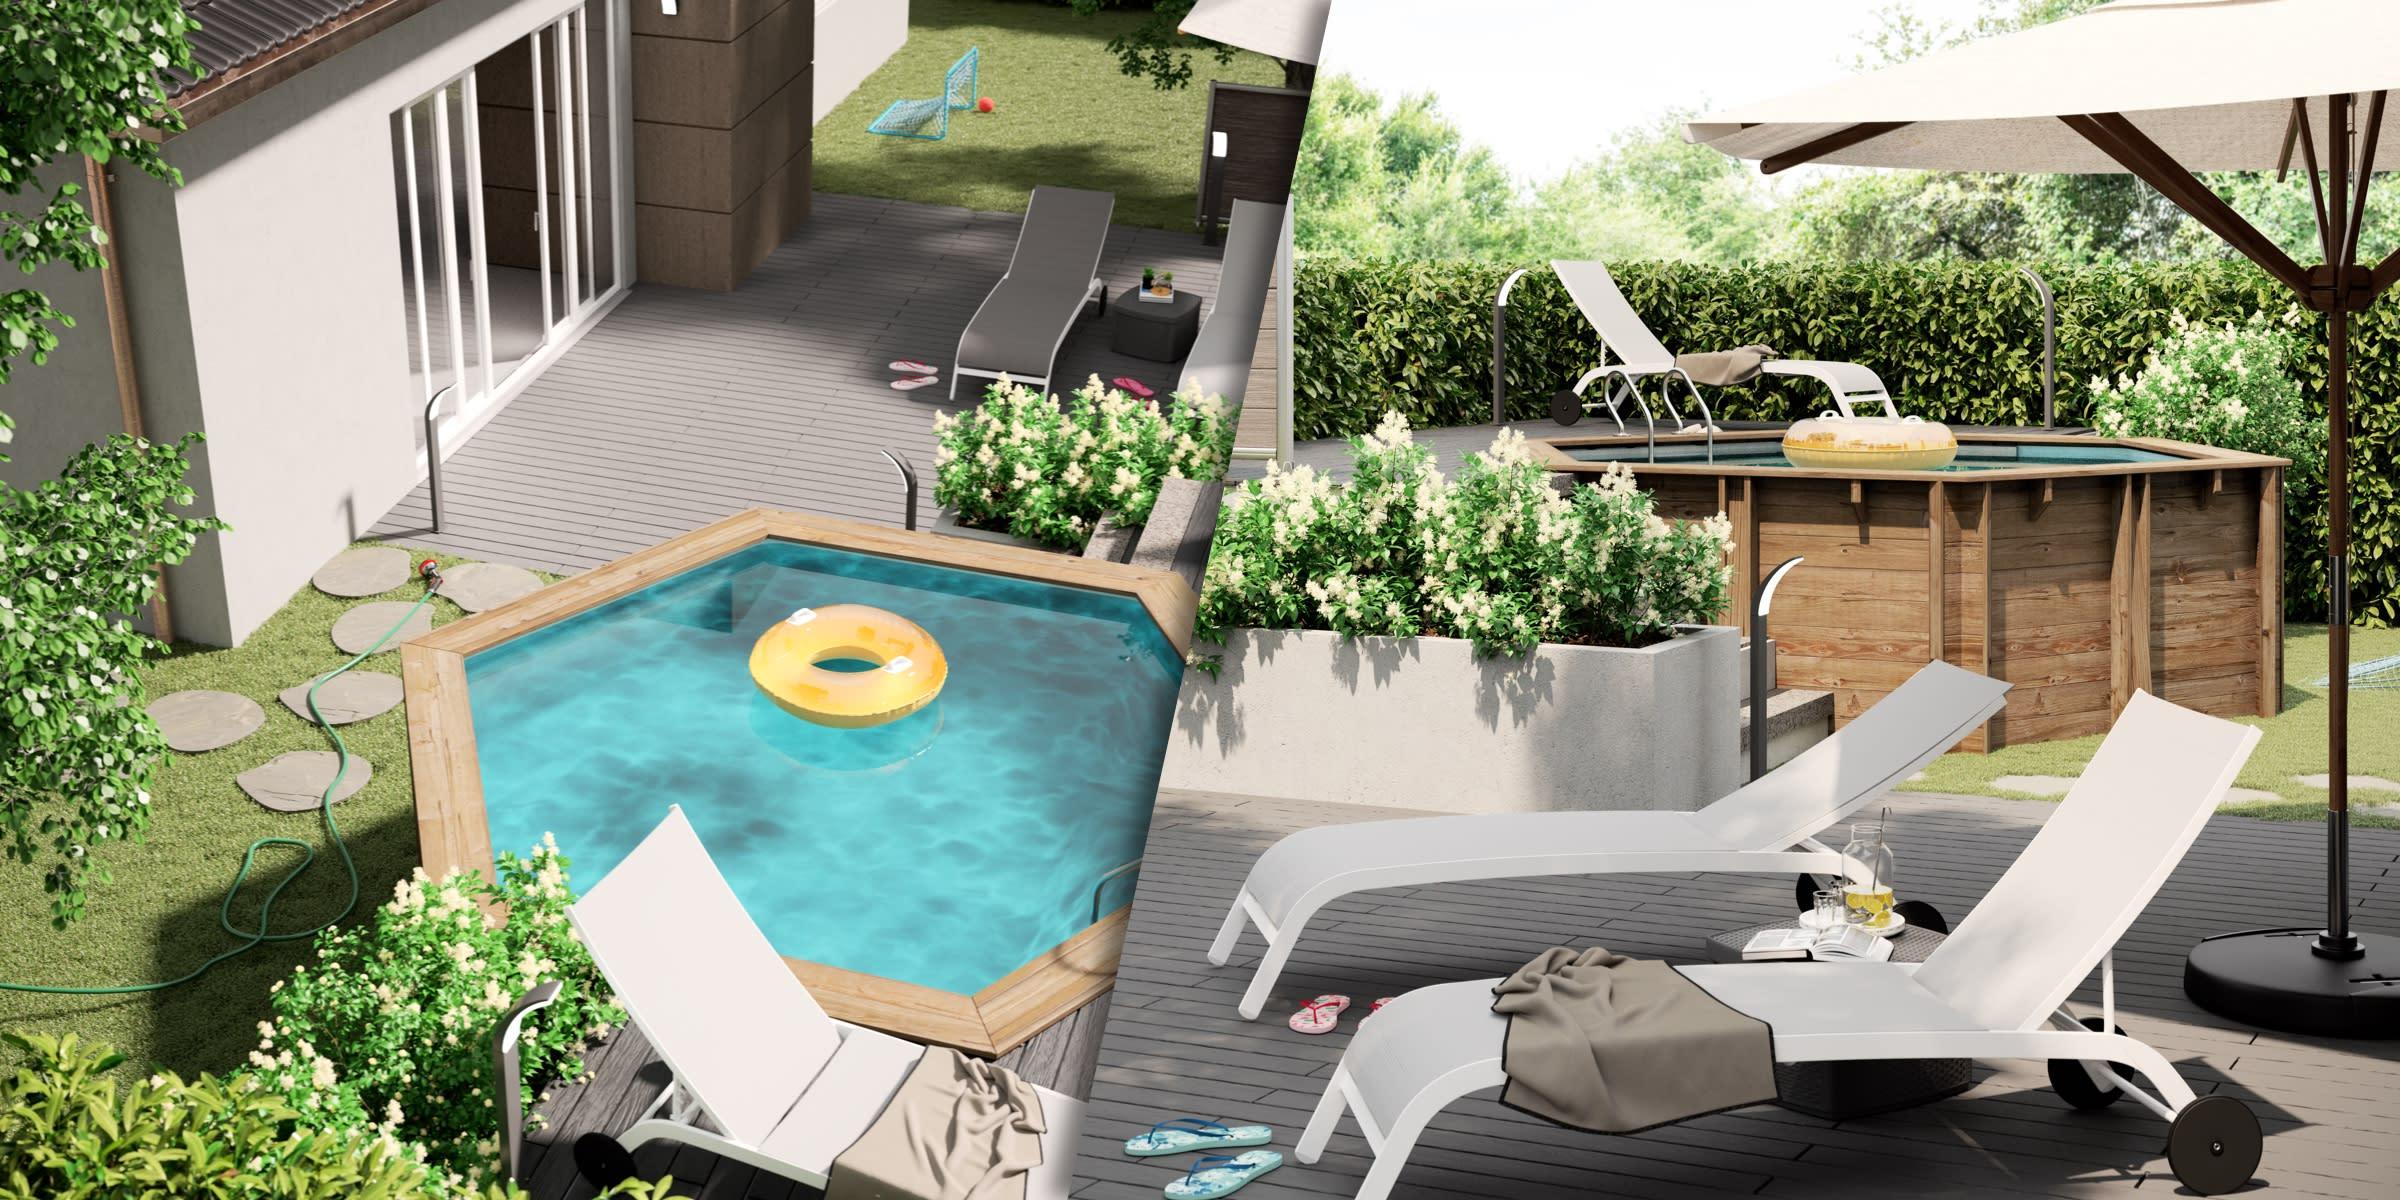 progetto giardino con piscina da esterno